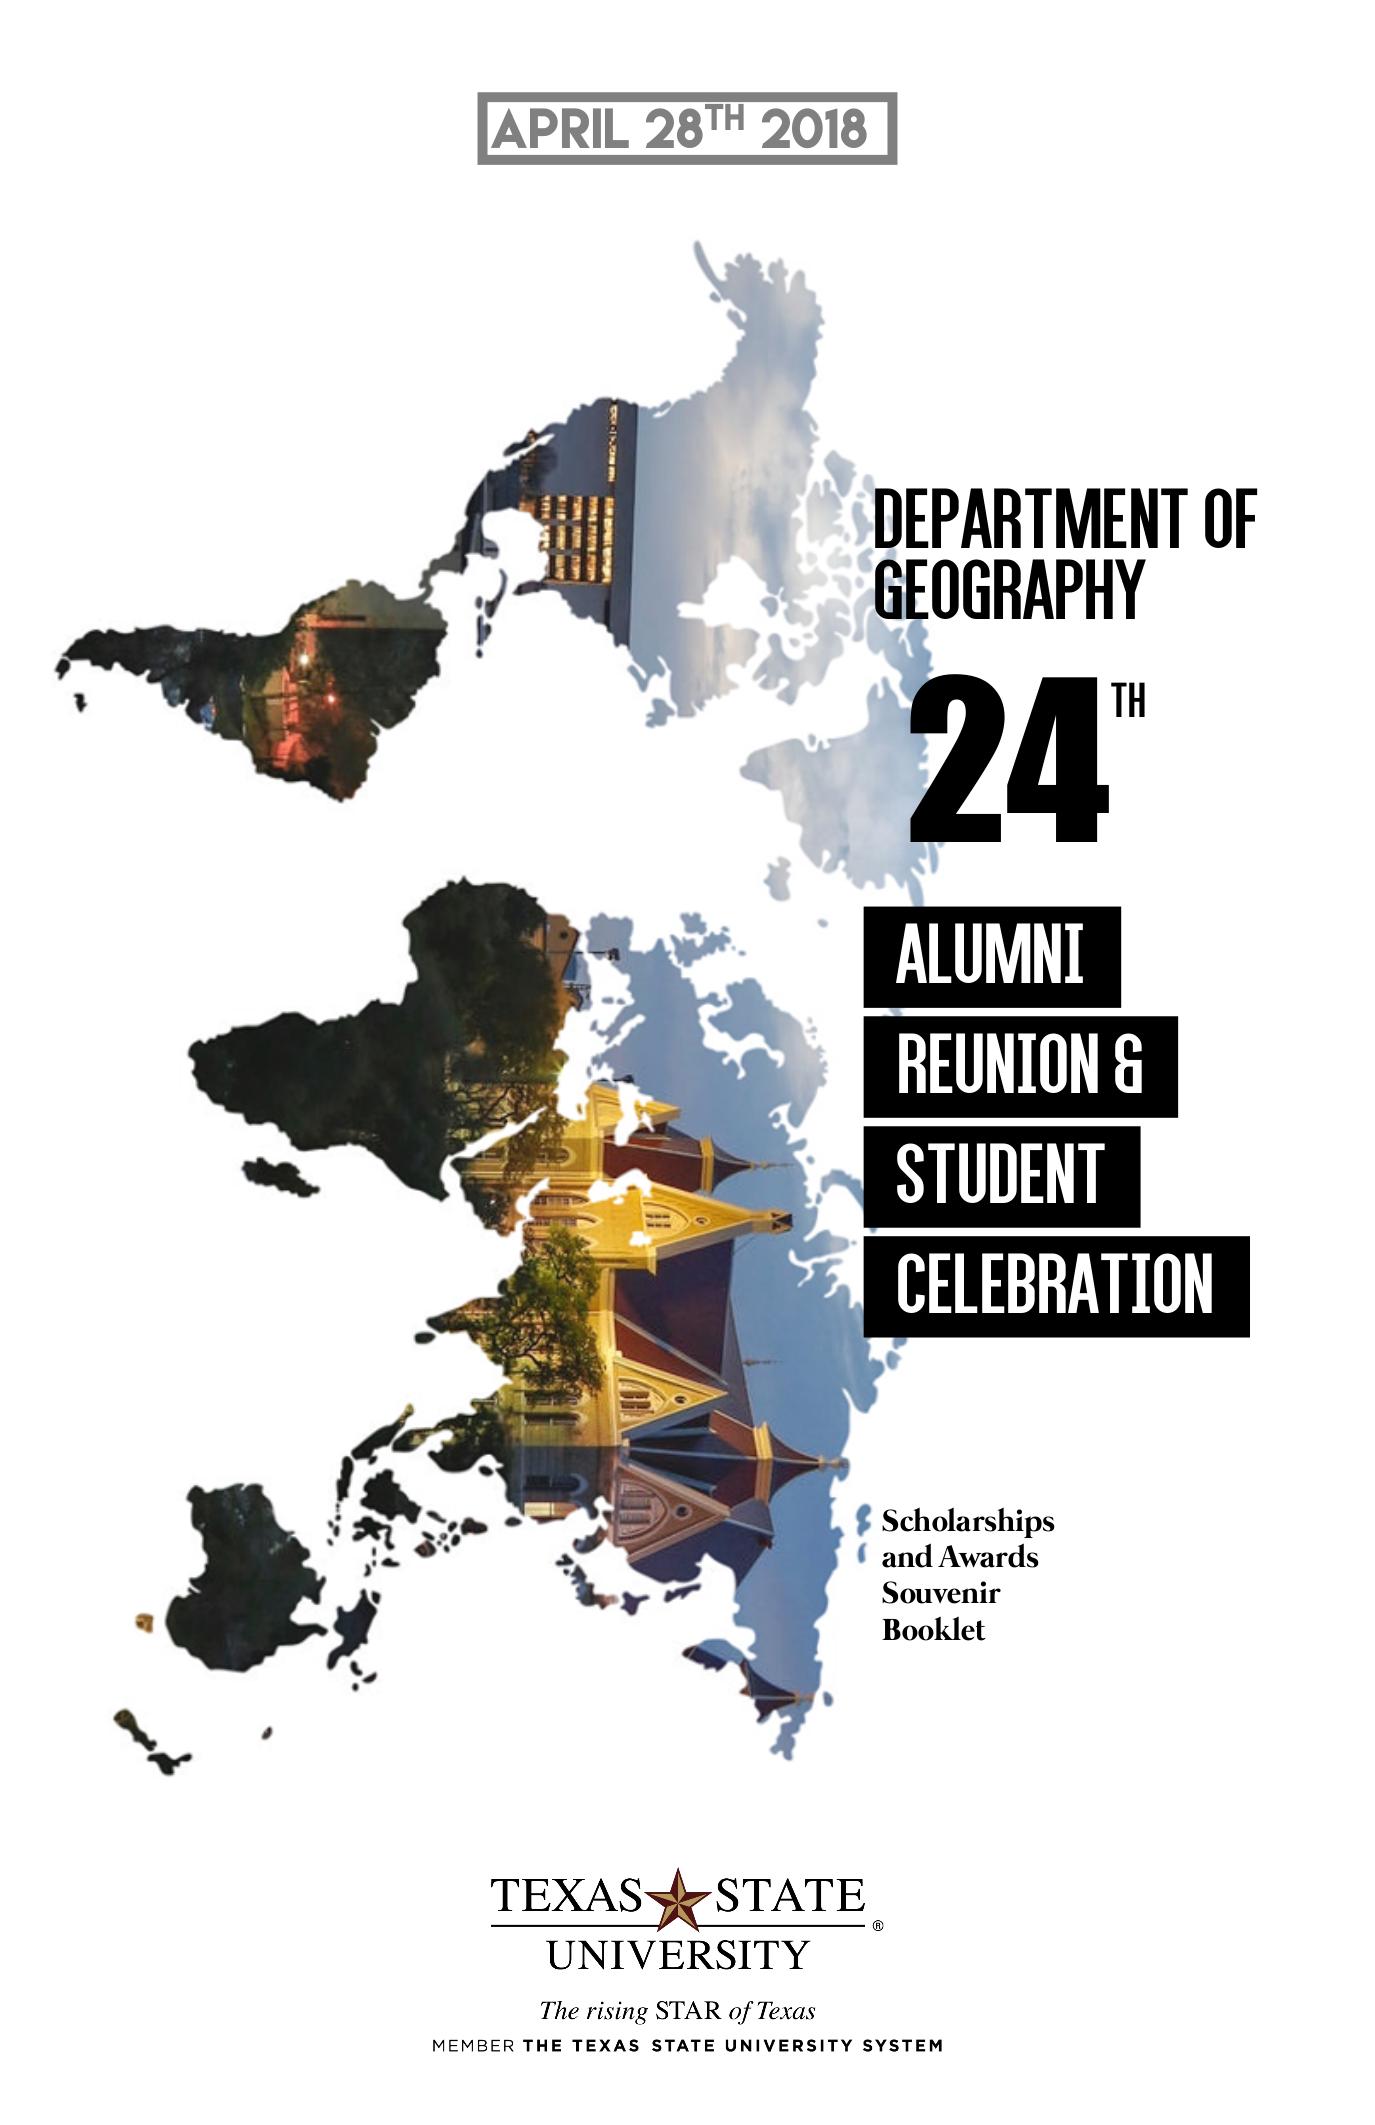 Programme des célébrations annuelles du département de géographie de Texas State University – Couverture